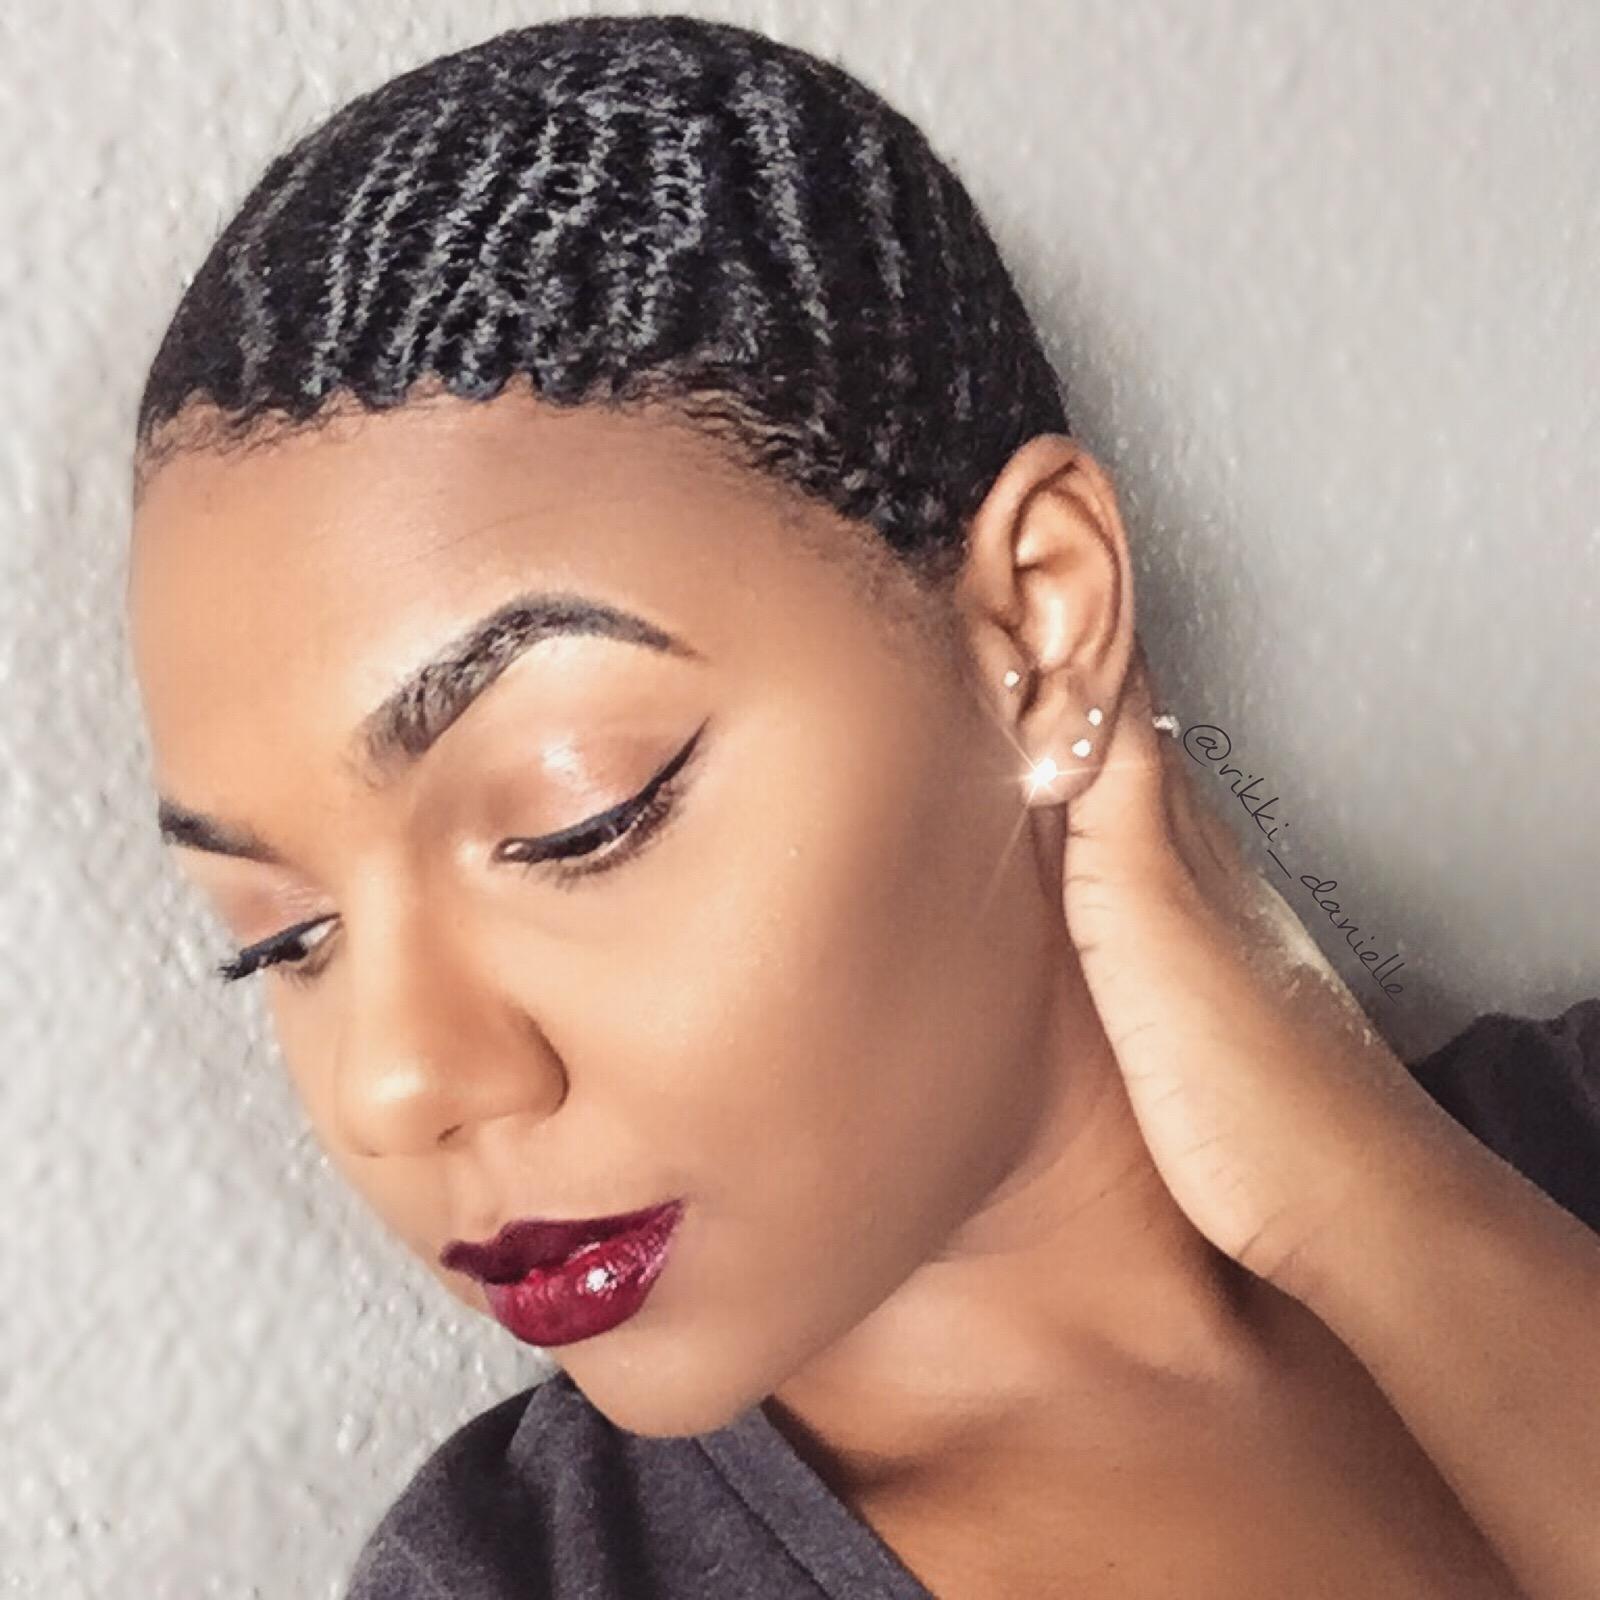 Rikki Danielle From Kansas City 3c 4a Natural Hair Icon